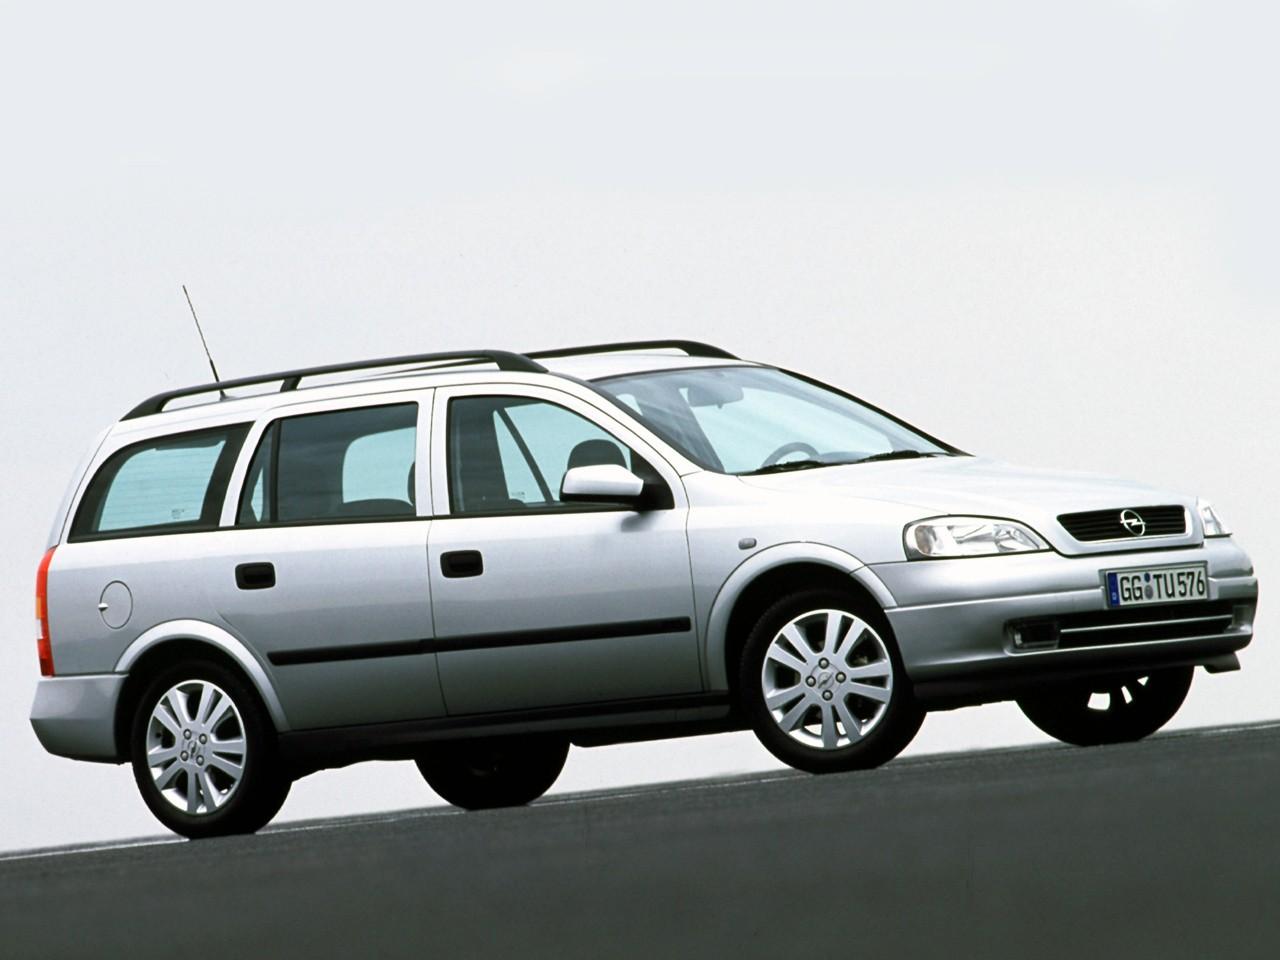 opel astra caravan specs 1998 1999 2000 2001 2002 2003 2004 autoevolution. Black Bedroom Furniture Sets. Home Design Ideas